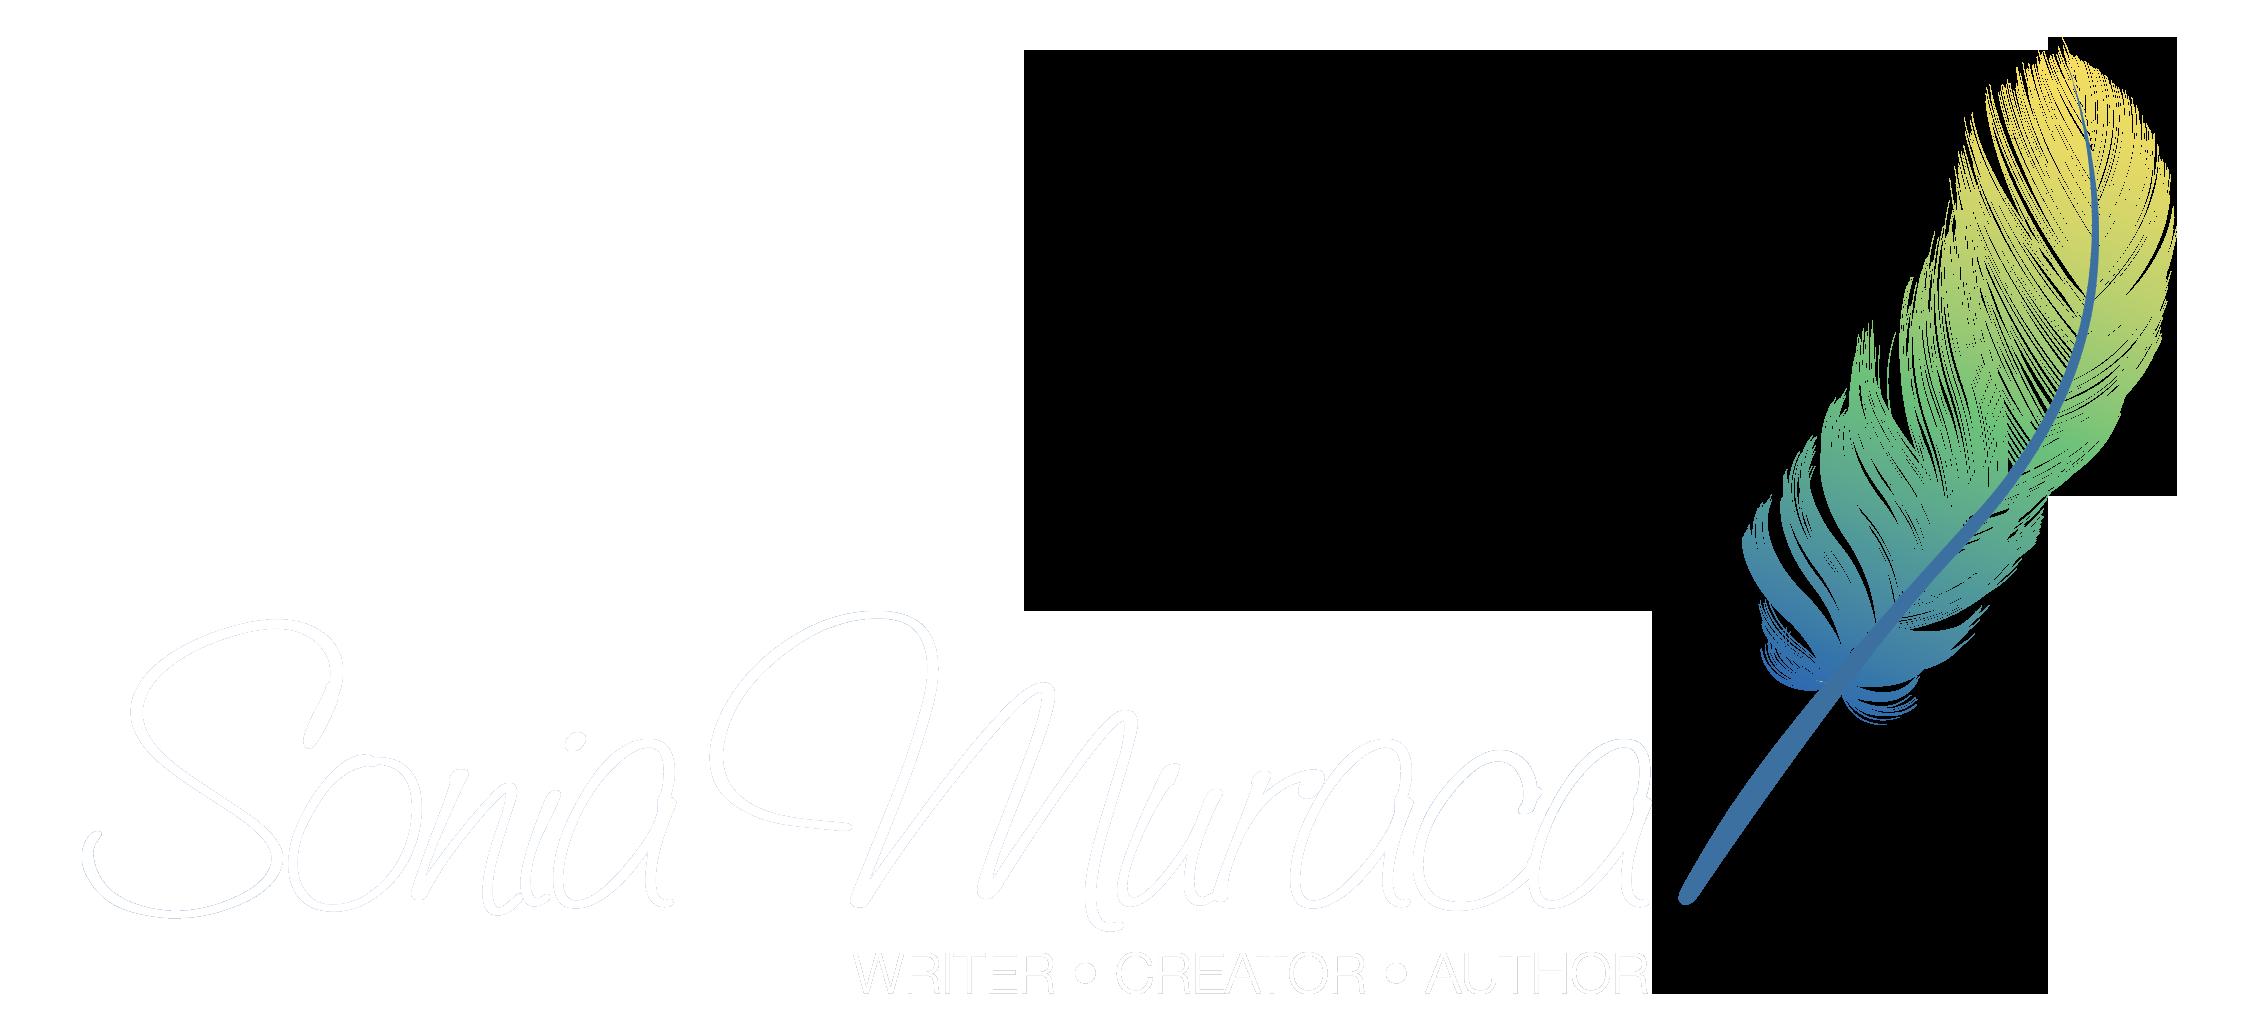 Sonia Muraca